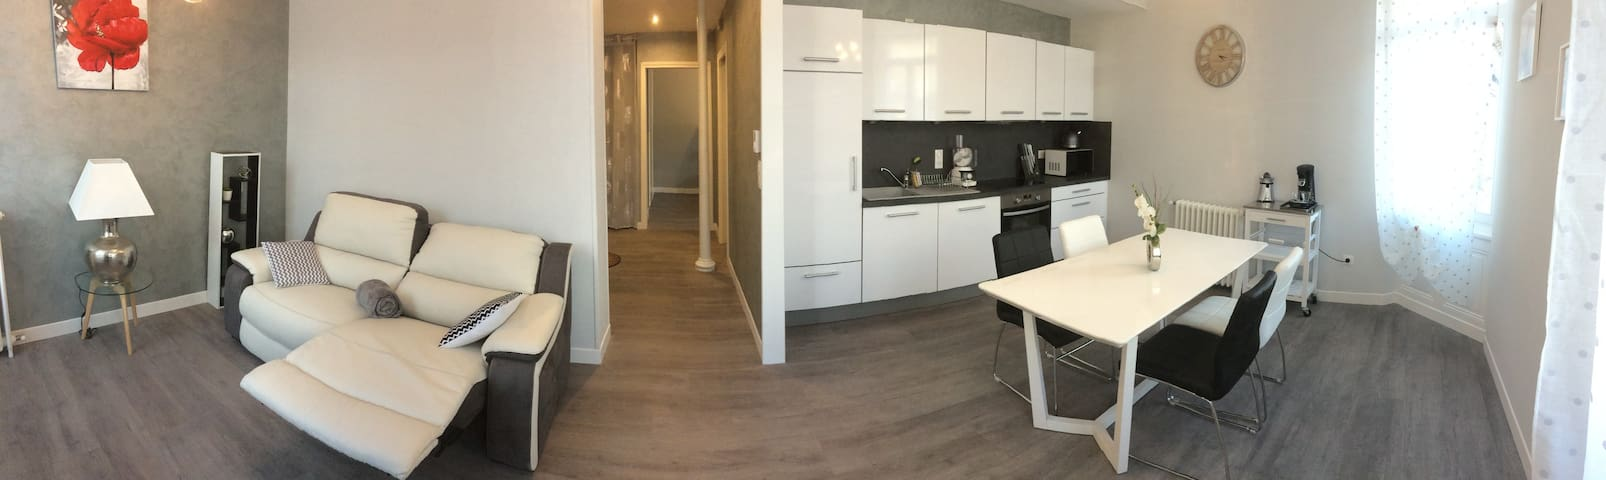 Très bel appartement lumineux